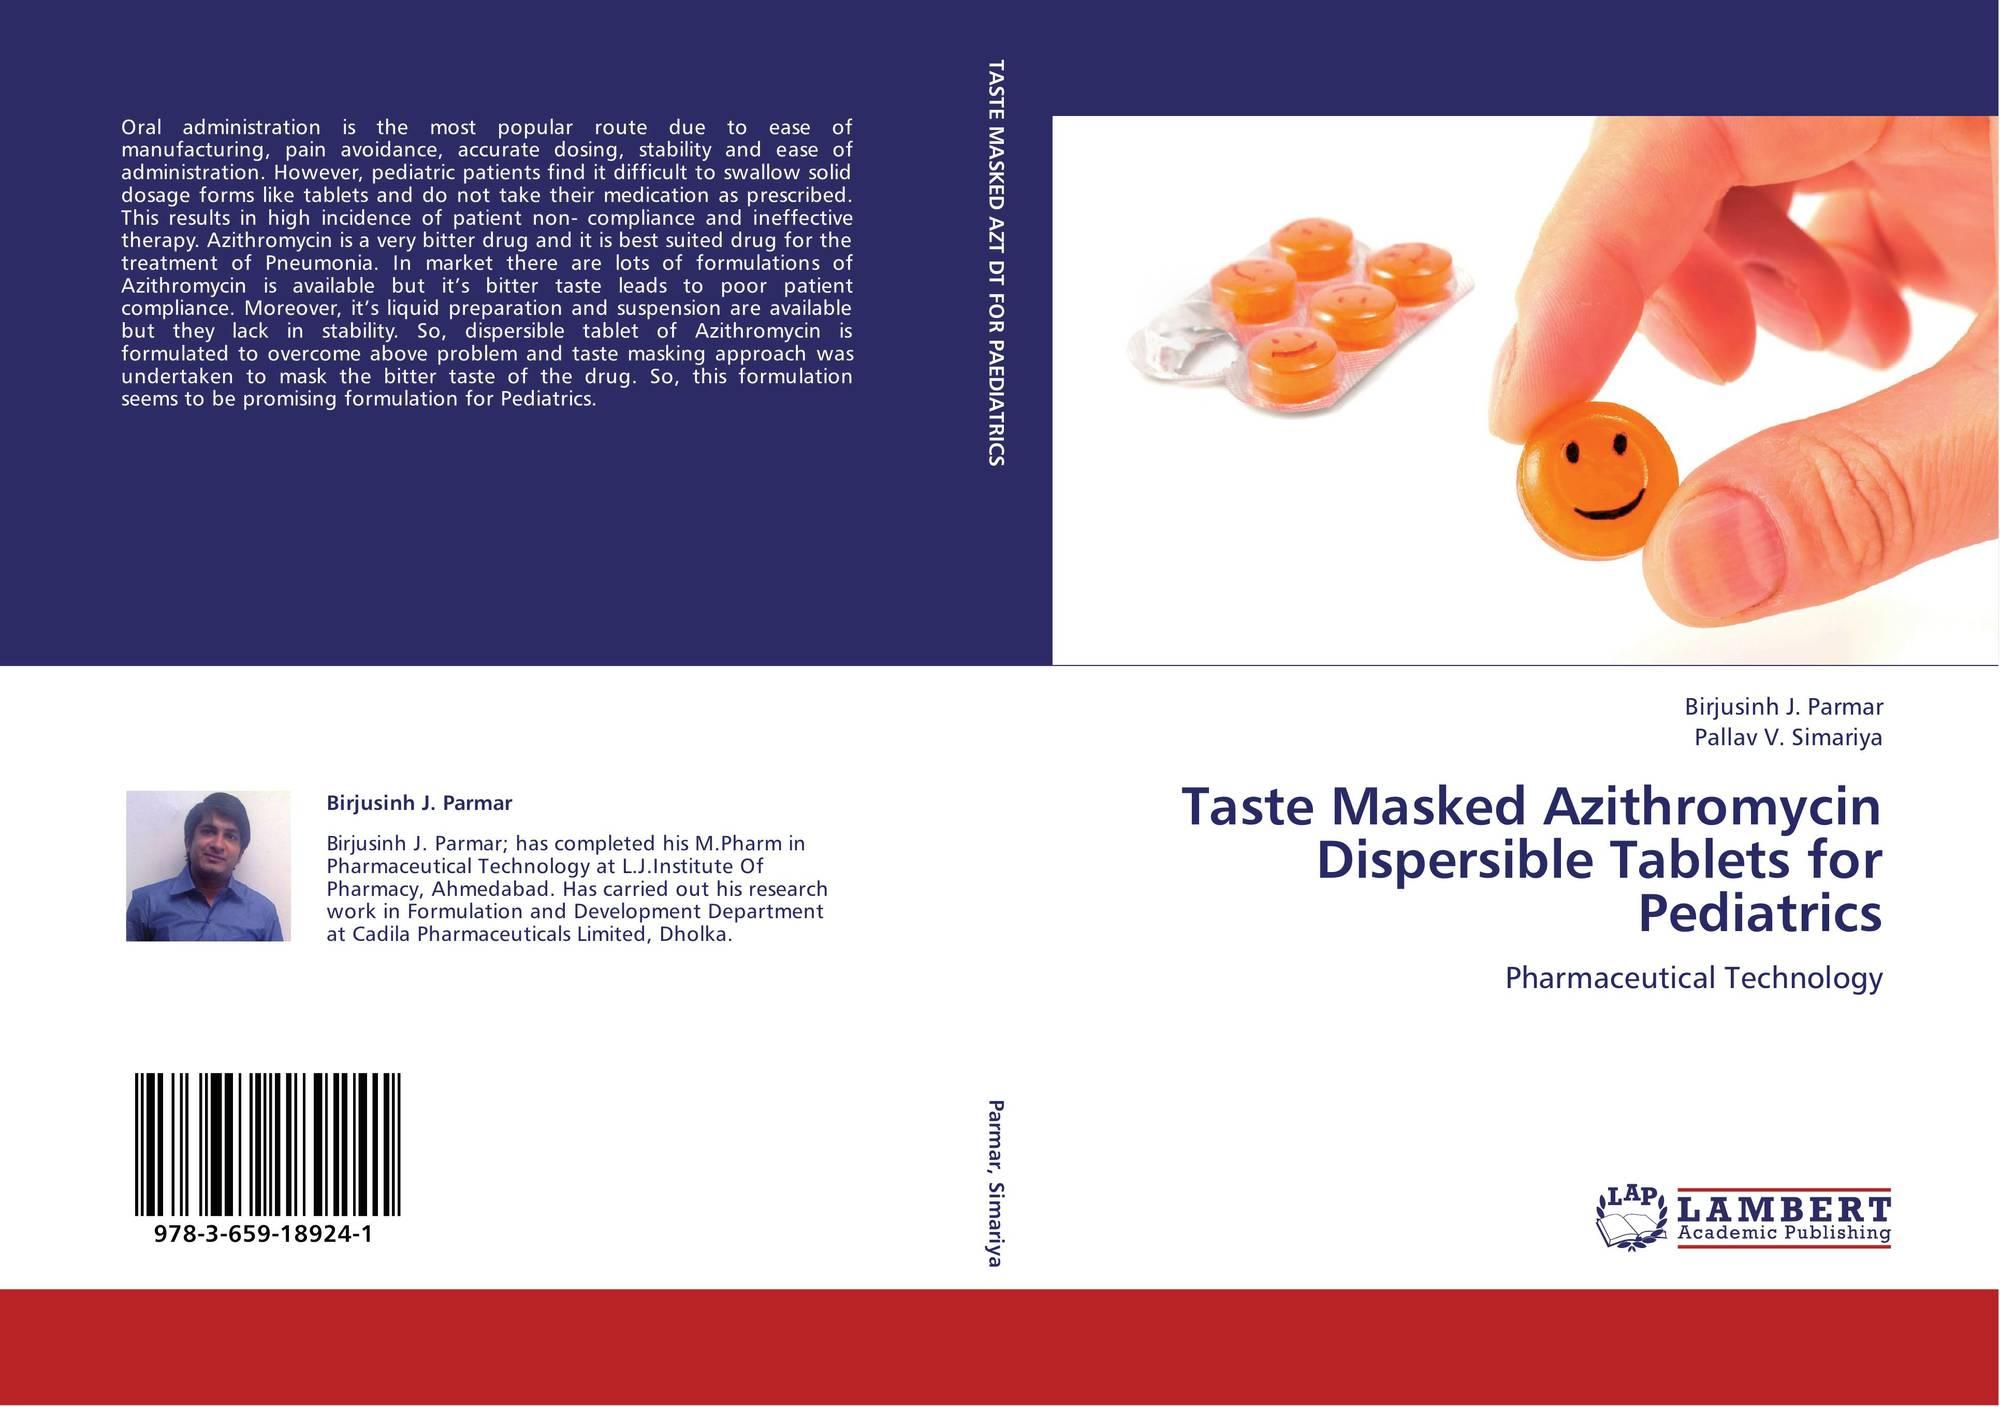 Dose of azithromycin in pediatrics